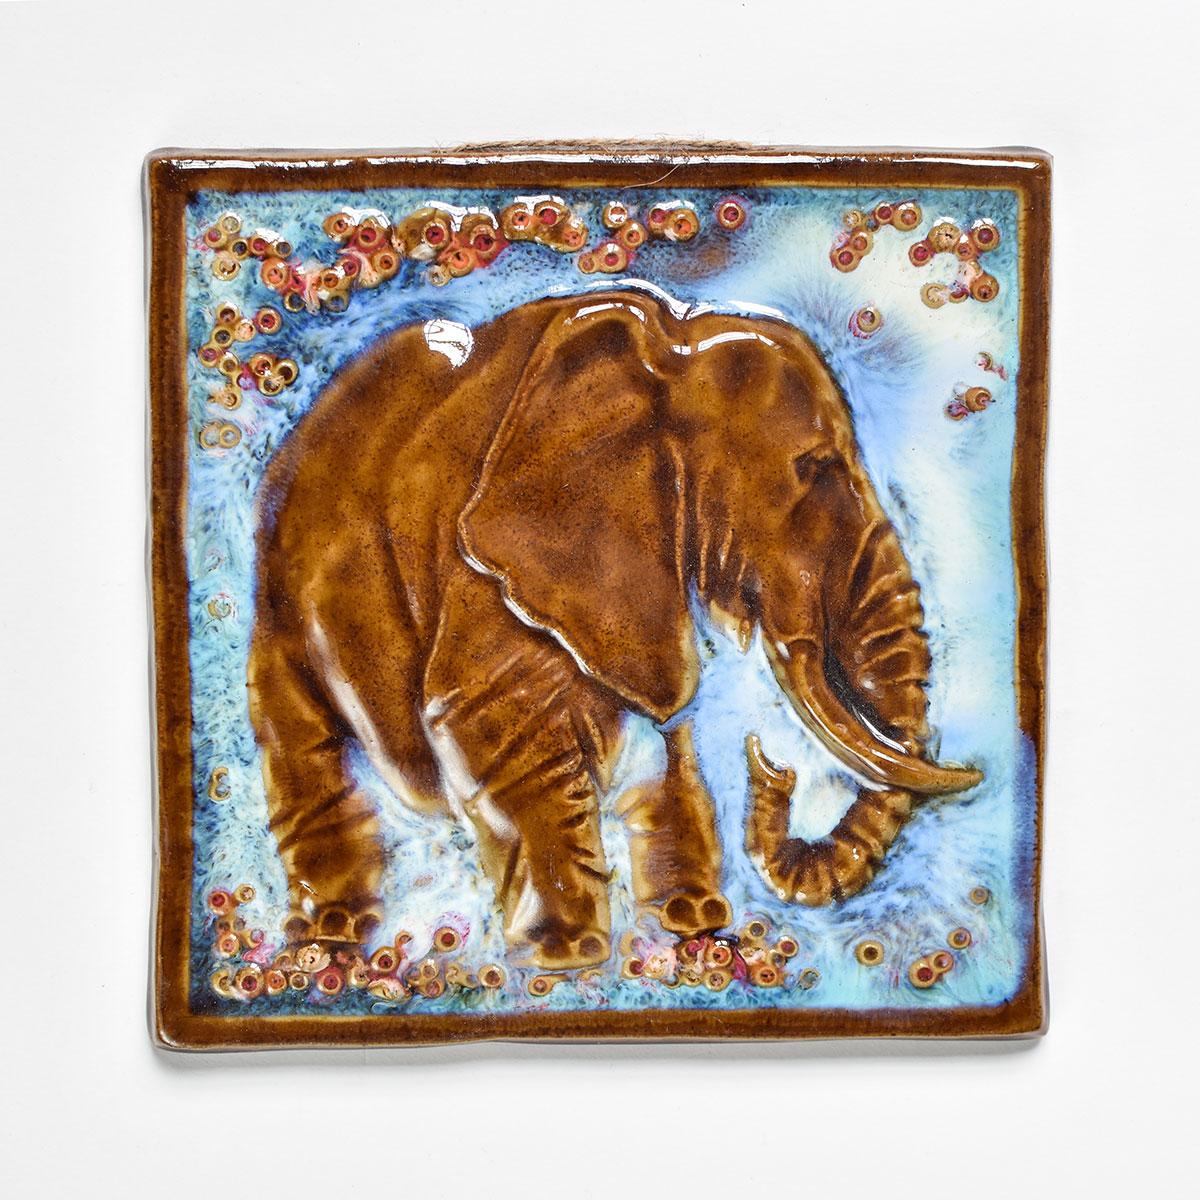 """картинка Изразец ручной работы """"Слон"""" большой голубой - DishWishes.Ru"""